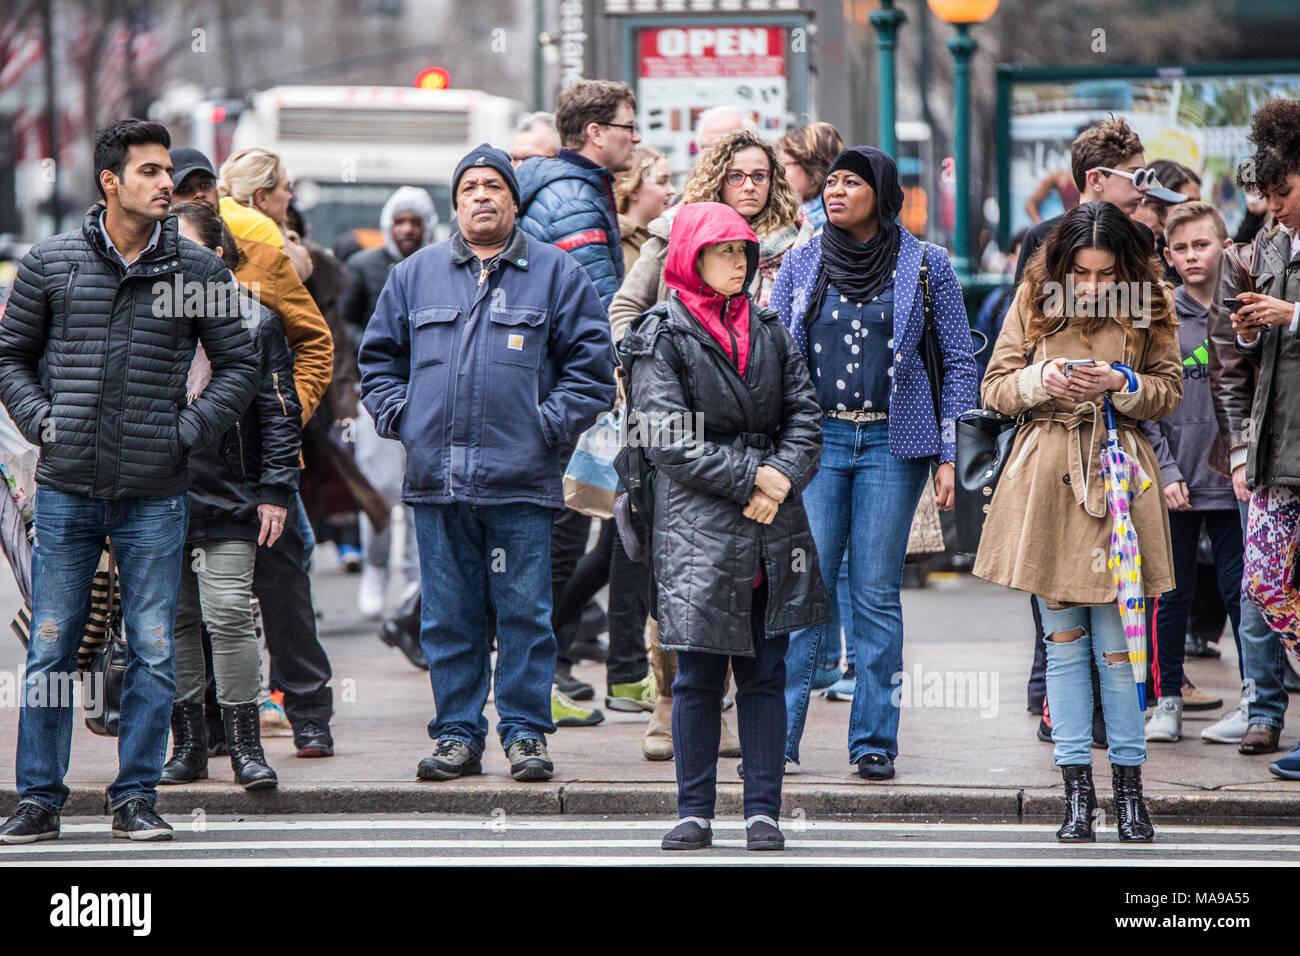 La CIUDAD DE NUEVA YORK - 29 de marzo de 2018: ocupado la ciudad de Nueva York Street scene de la diversidad de la gente que cruza la calle peatonal en el centro de Manhattan, en la 34ª Str Imagen De Stock